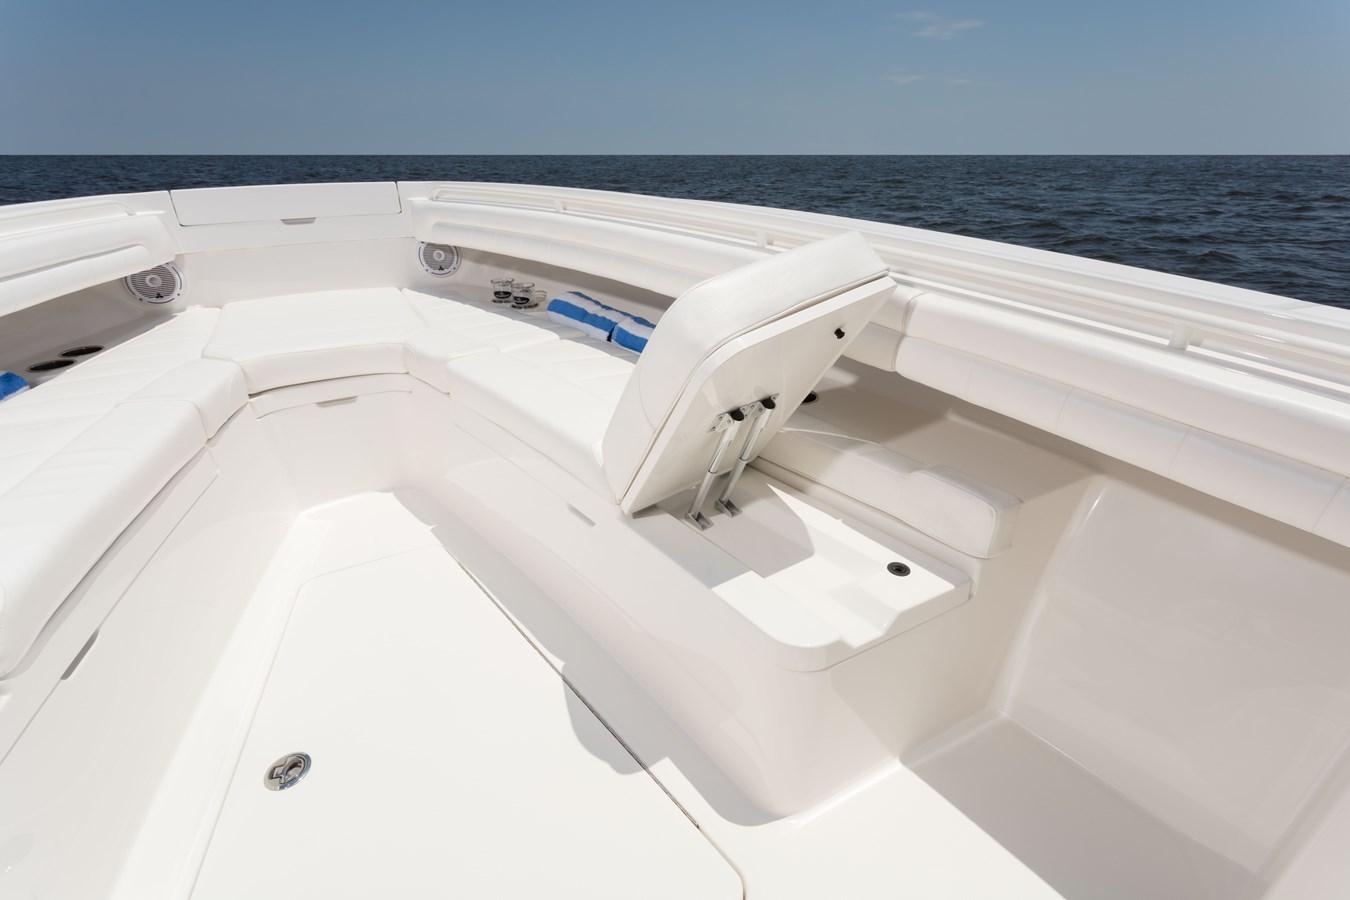 31-regulator-center-console-boat-forward-seat-backrest - 31 REGULATOR For Sale